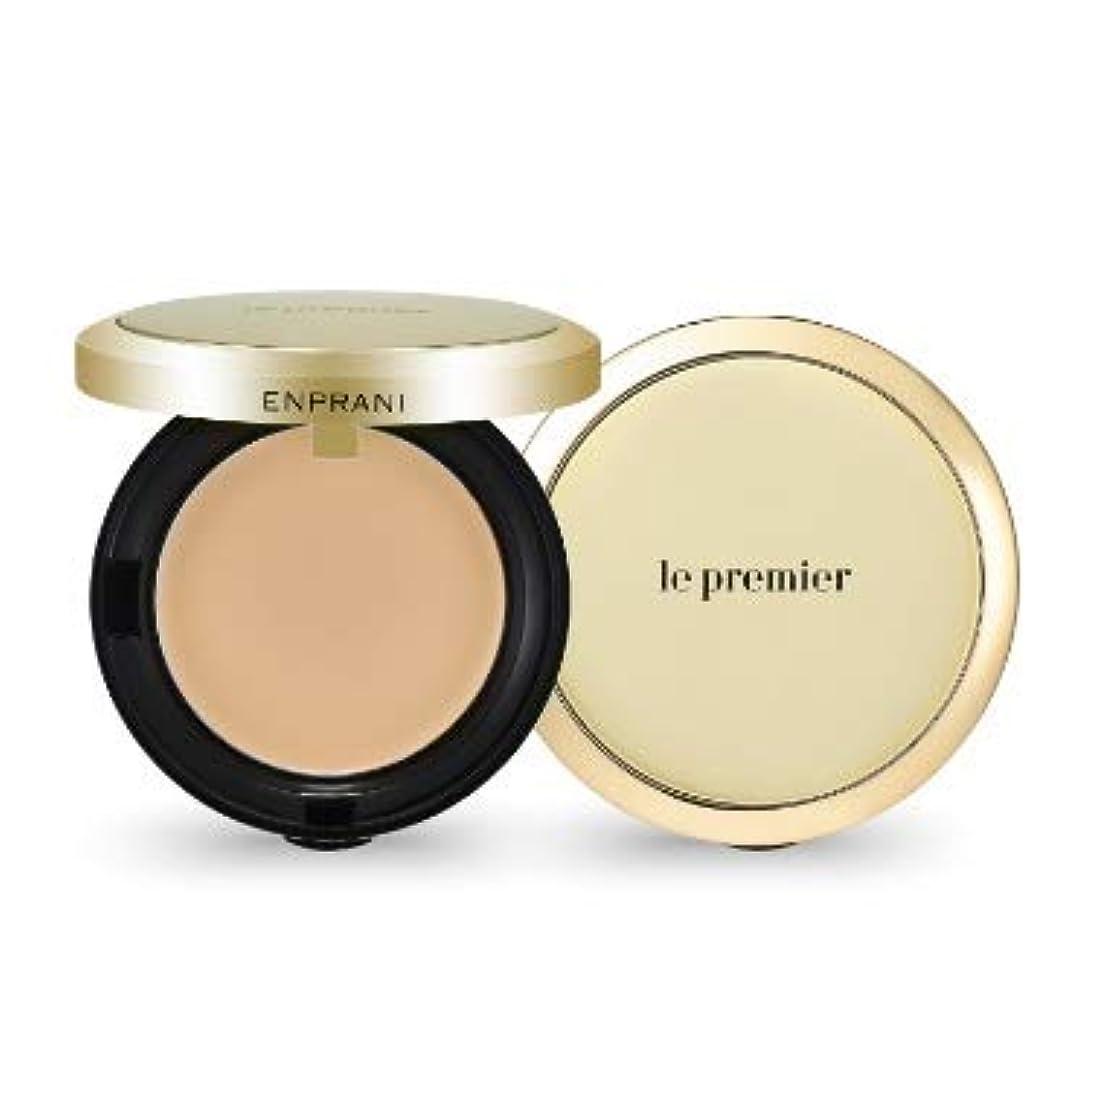 ささいな苦難ビルマENPRANI Le Premier Skin Cover Pact #21 Light Beige エンプラニ ル プレミア スキン カバー パクト [並行輸入品]